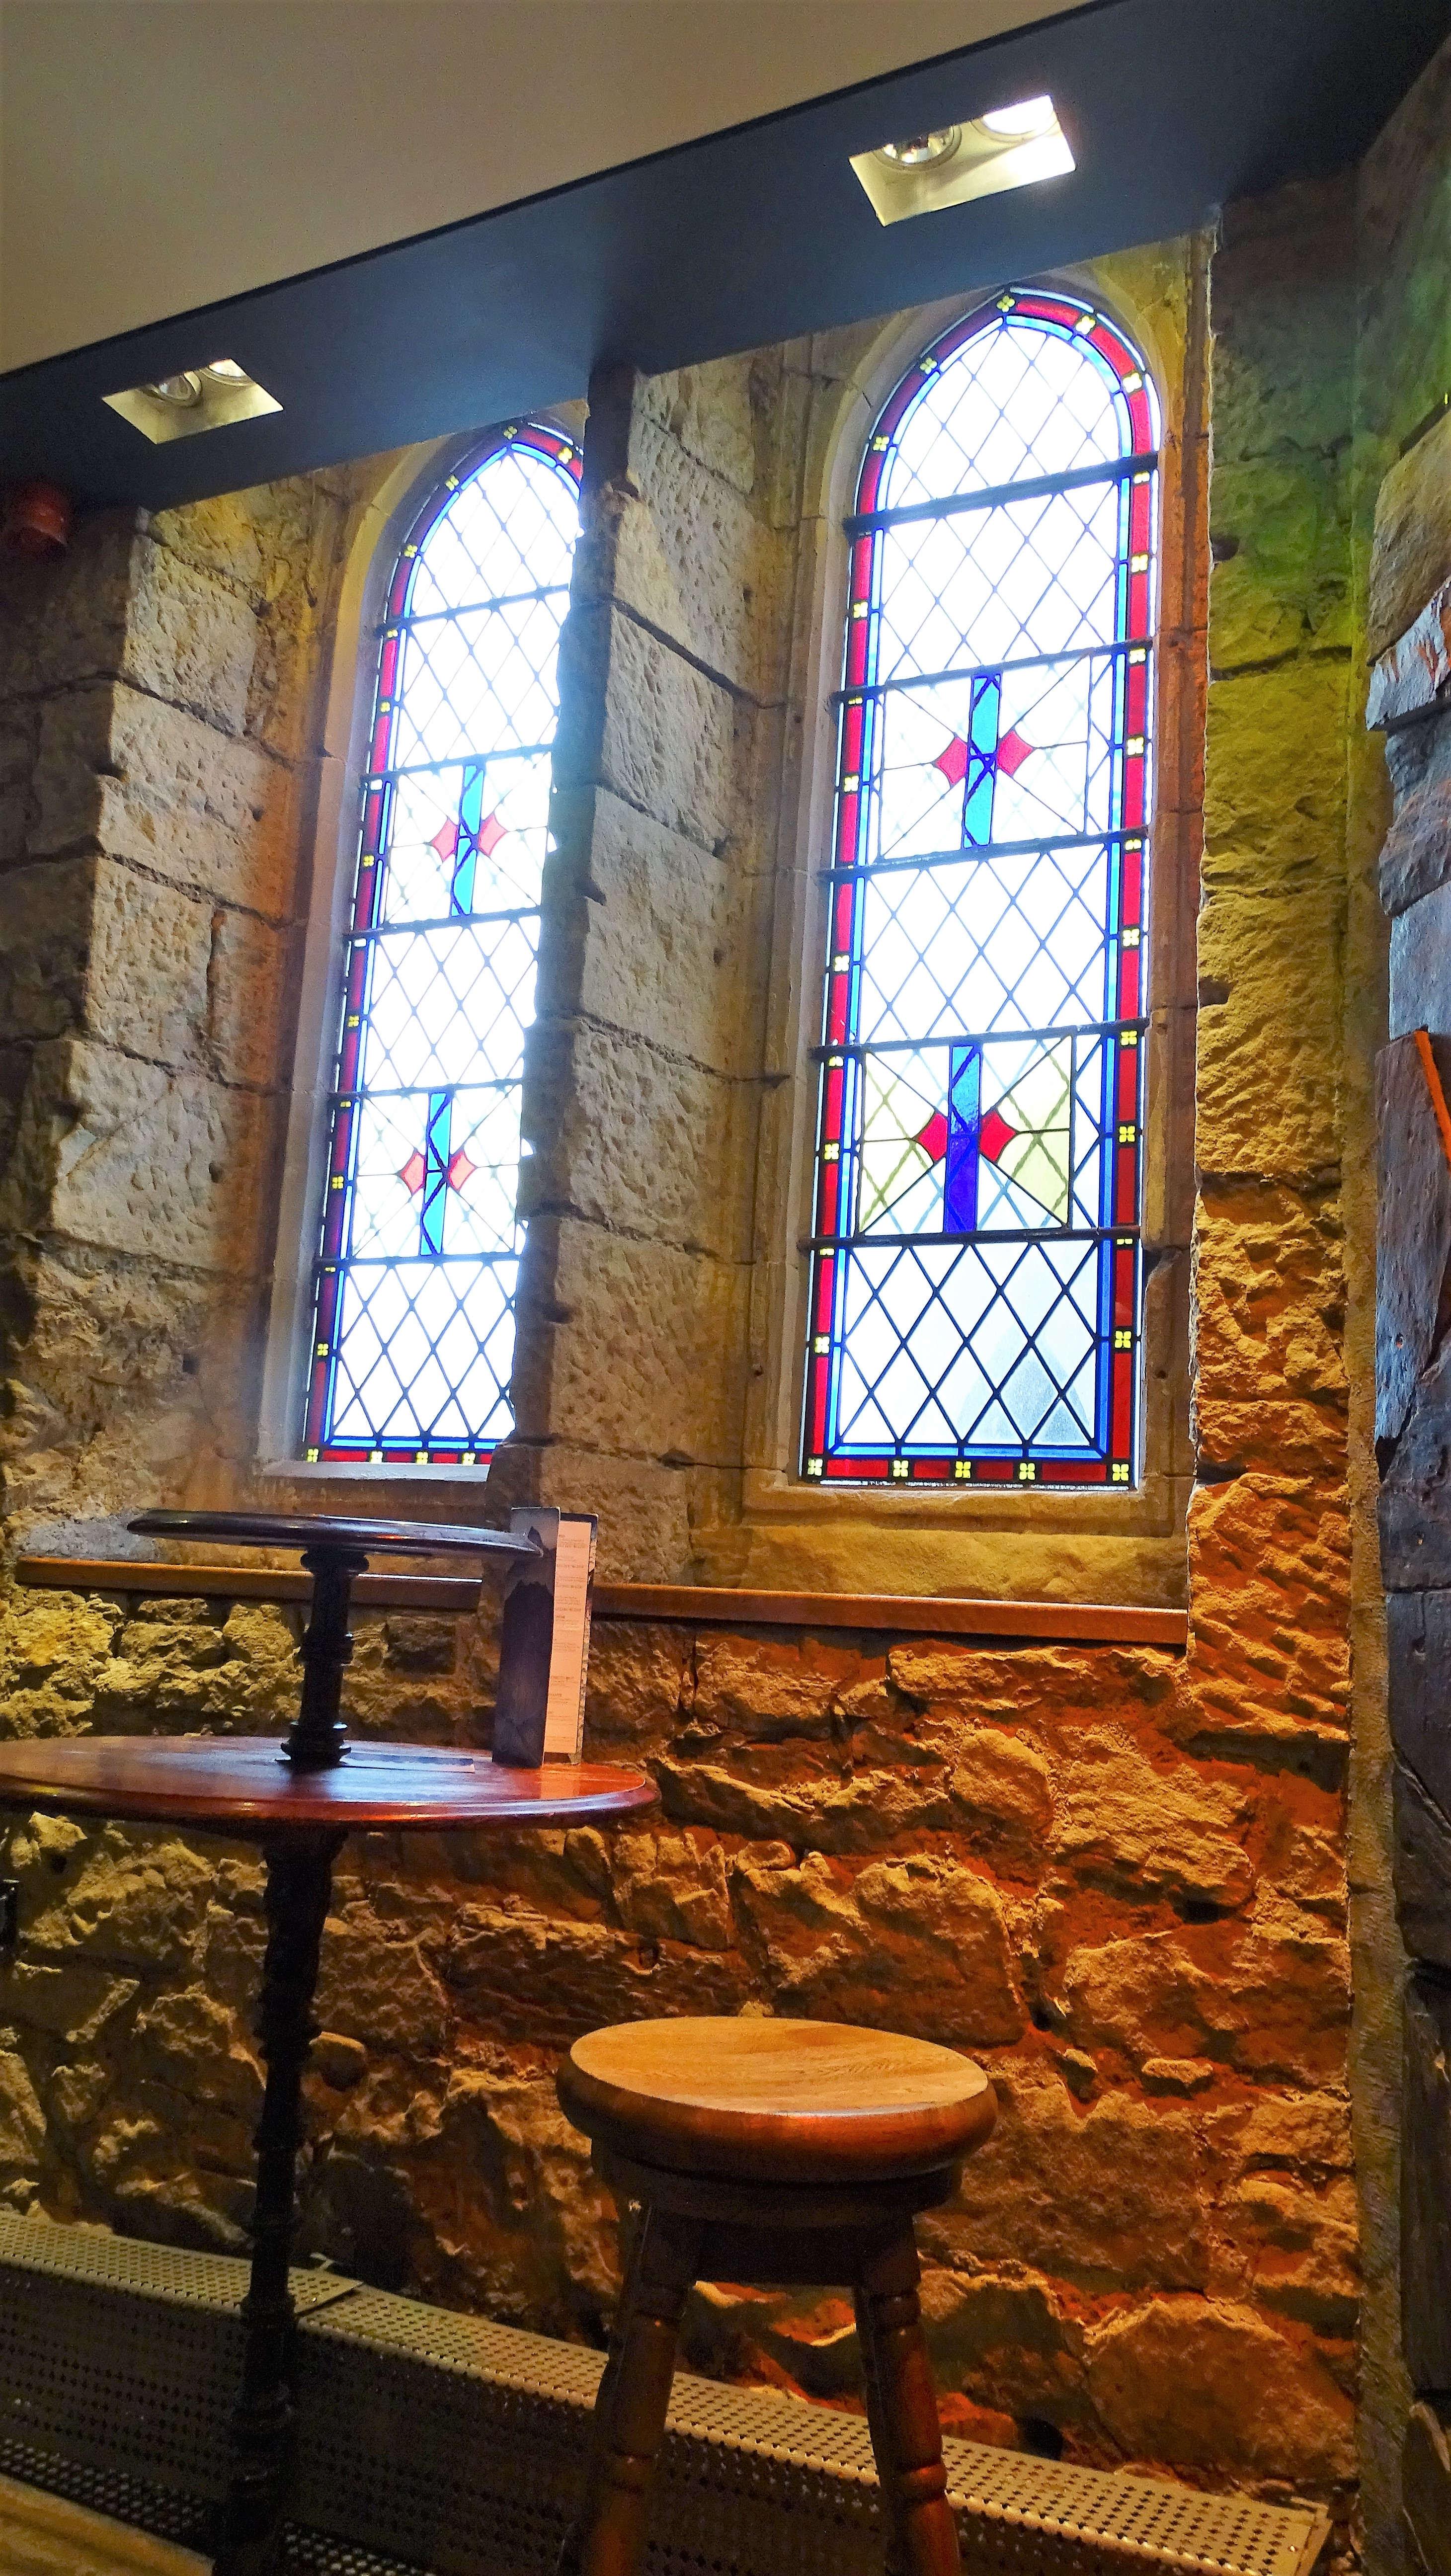 Ez a hely nem más, mint az Oran Mor Glasgowban. Egy használaton kívüli templomban rendeztek be egy éttermet és egy kocsmát - mi utóbbit próbáltuk ki. Érdekes volt látni, hogy a helyiek munka után öltönyben bejönnek legurítani pár italt és hogy a sokat látott falak és ablakok ilyen 'szertartásoknak' lehetnek mostanában szemtanúi.